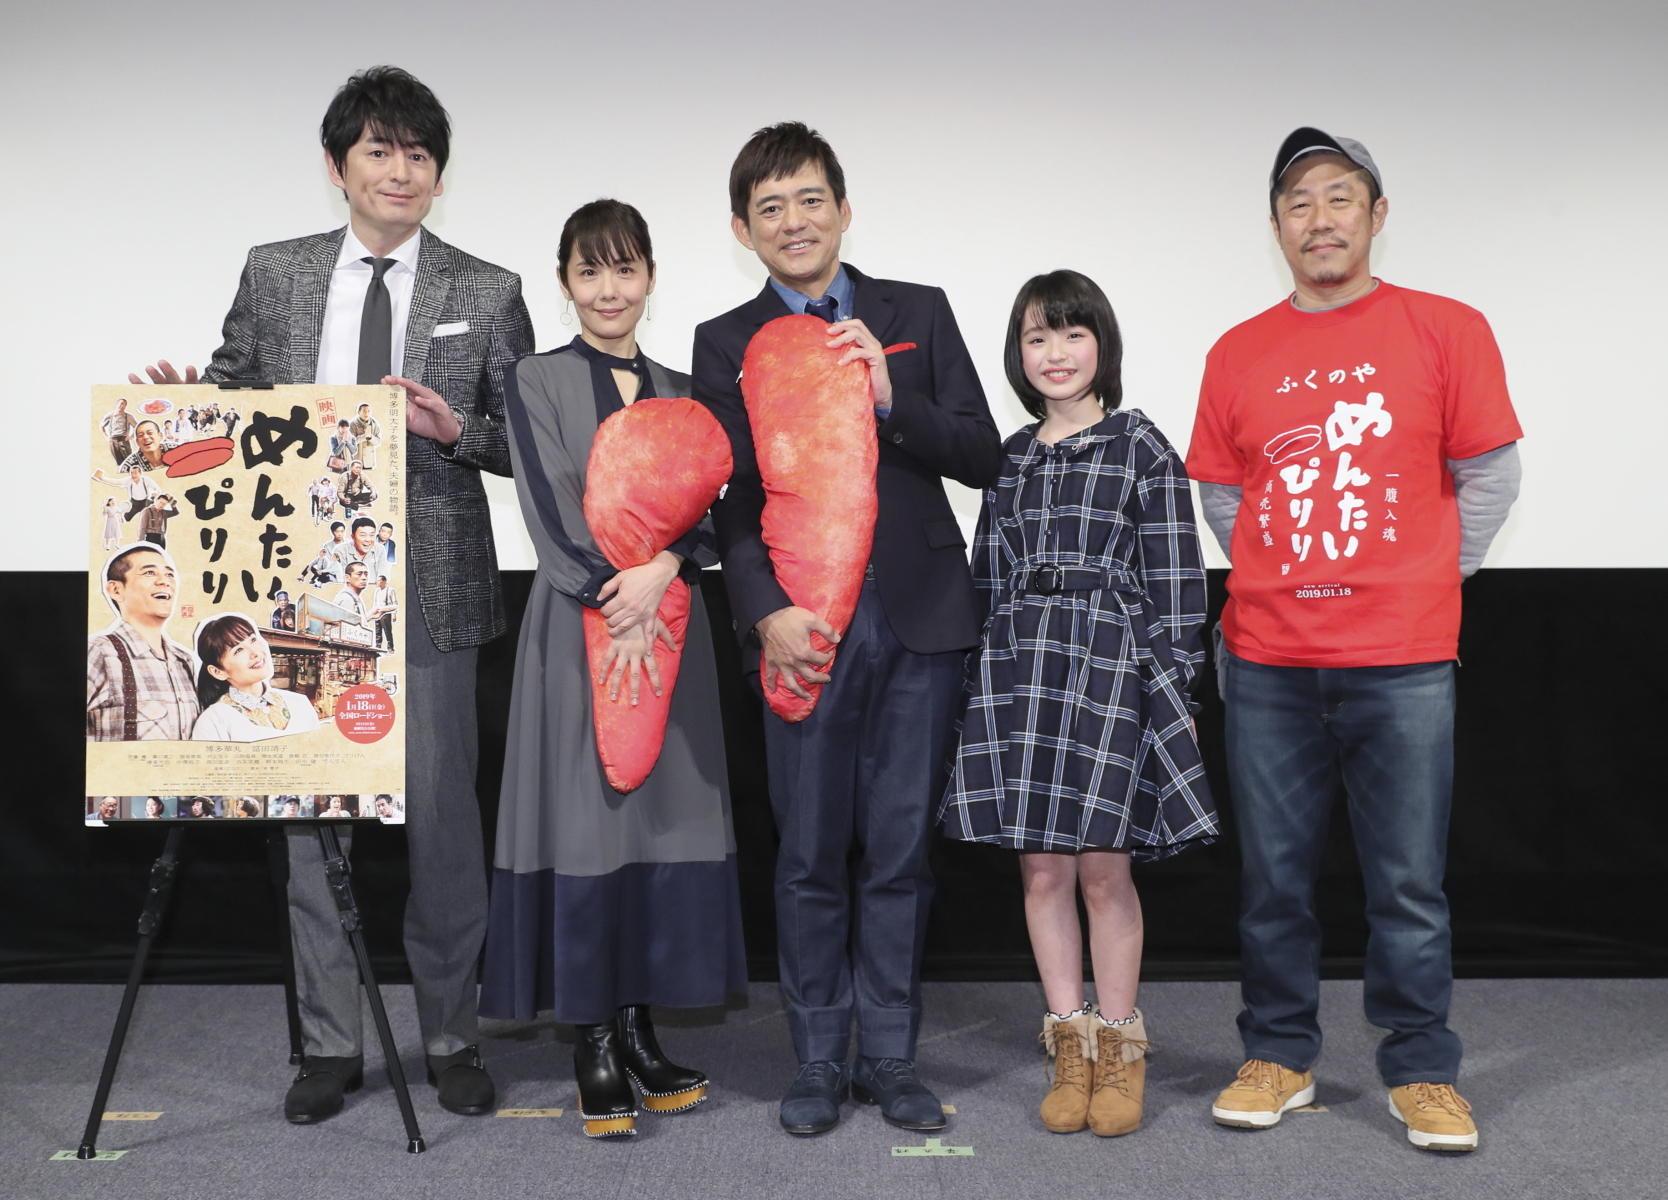 http://news.yoshimoto.co.jp/20190117162429-aacd3a8d49ae074ff606459686e3e0e20713a3cf.jpg